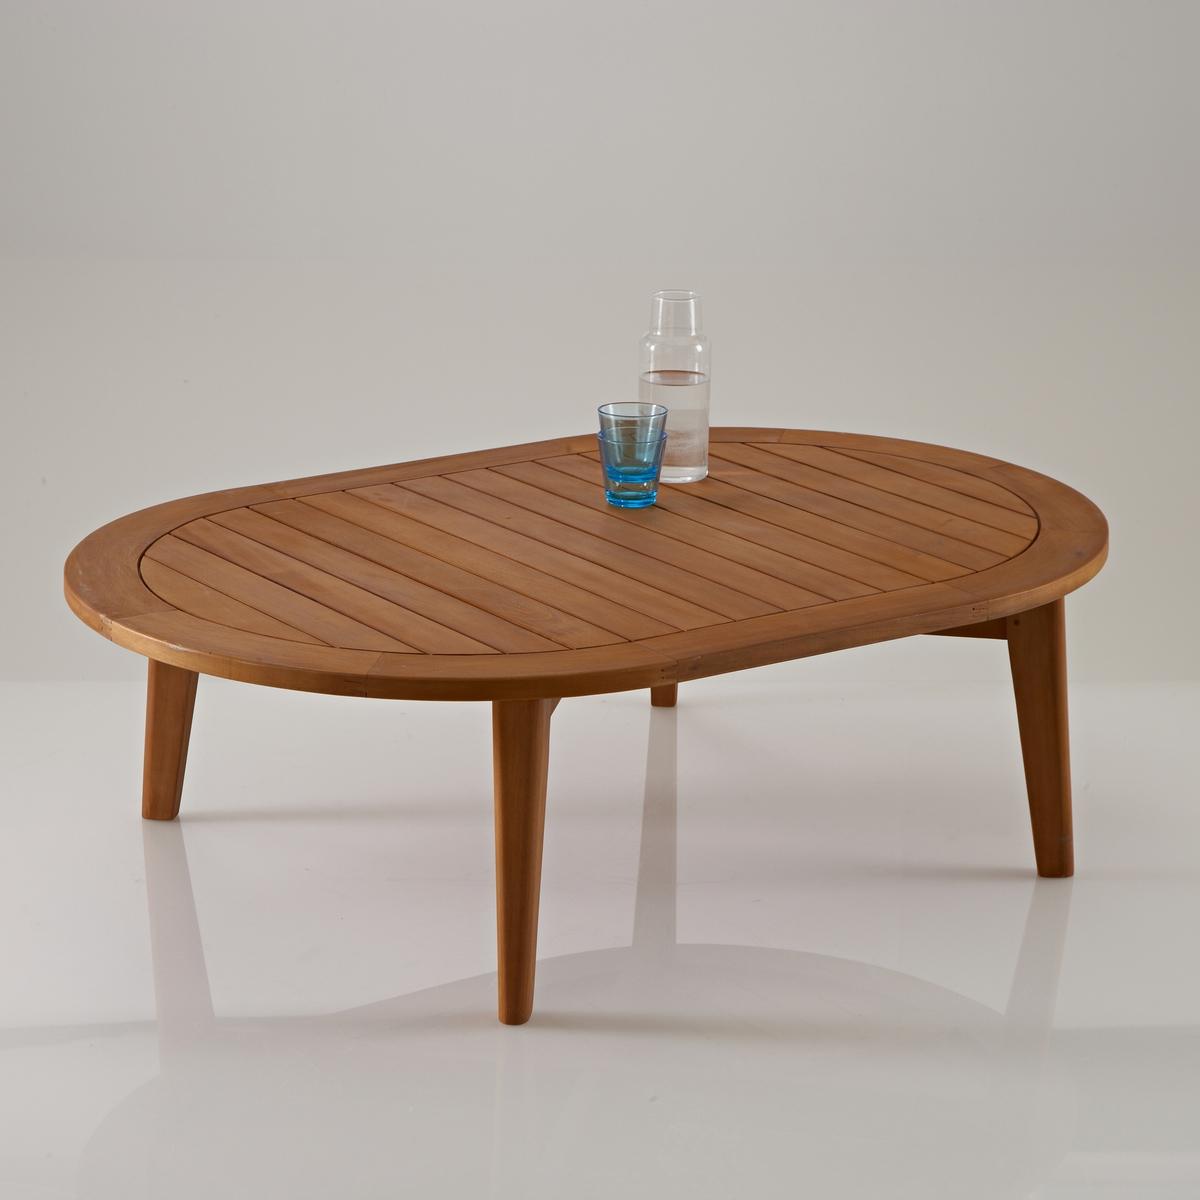 Столик садовый, акация FSC, Julma столик садовый складной jakta